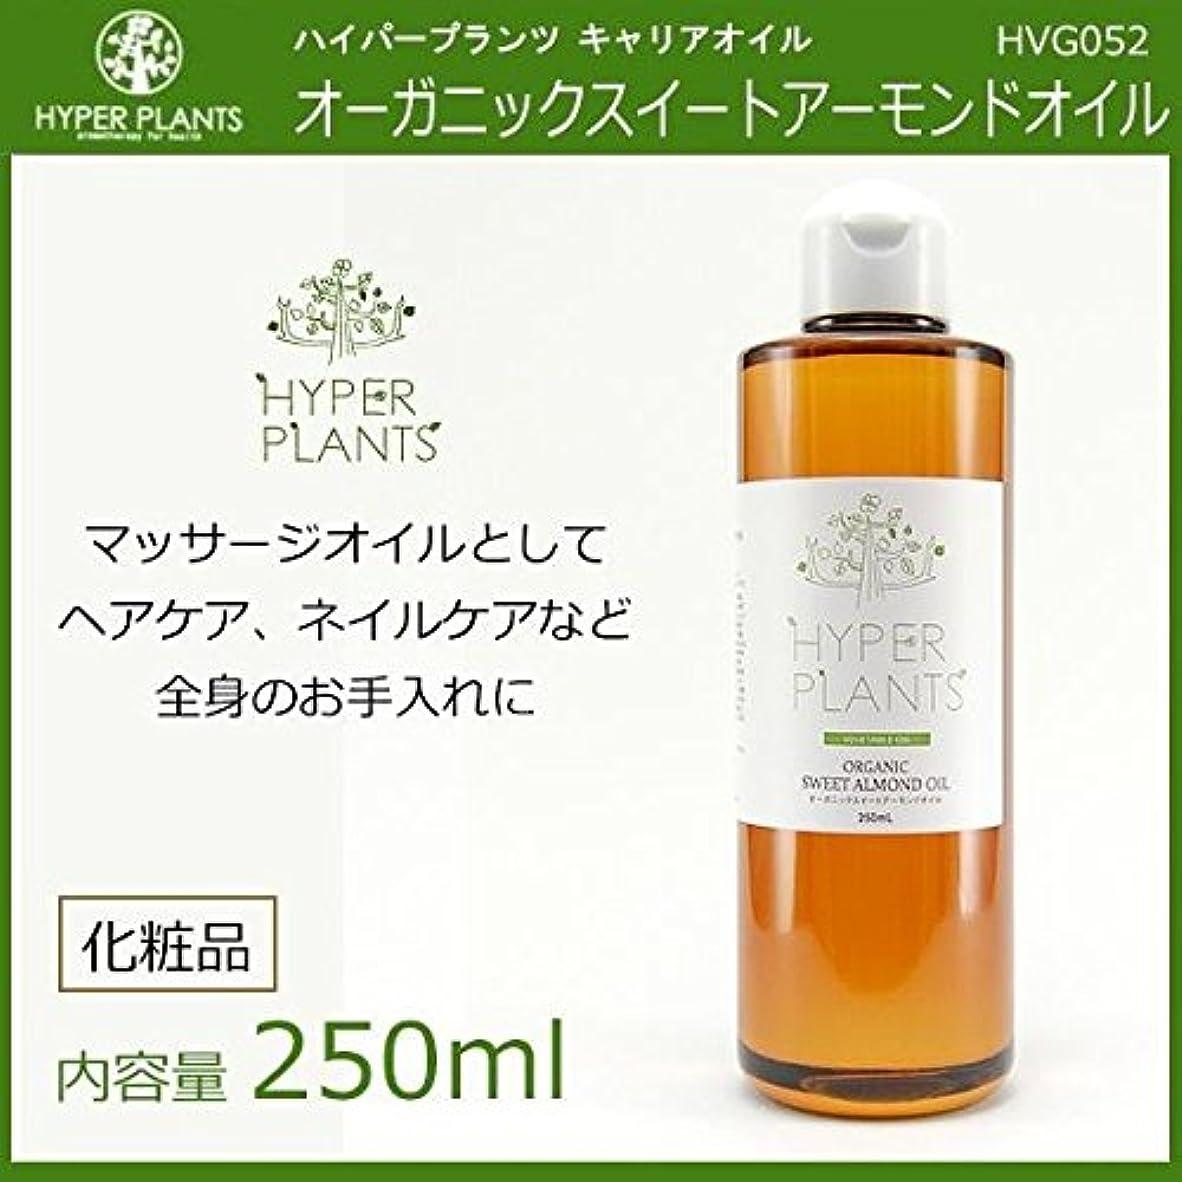 有益な独立して精通したHYPER PLANTS ハイパープランツ キャリアオイル オーガニックスイートアーモンドオイル 250ml HVG052